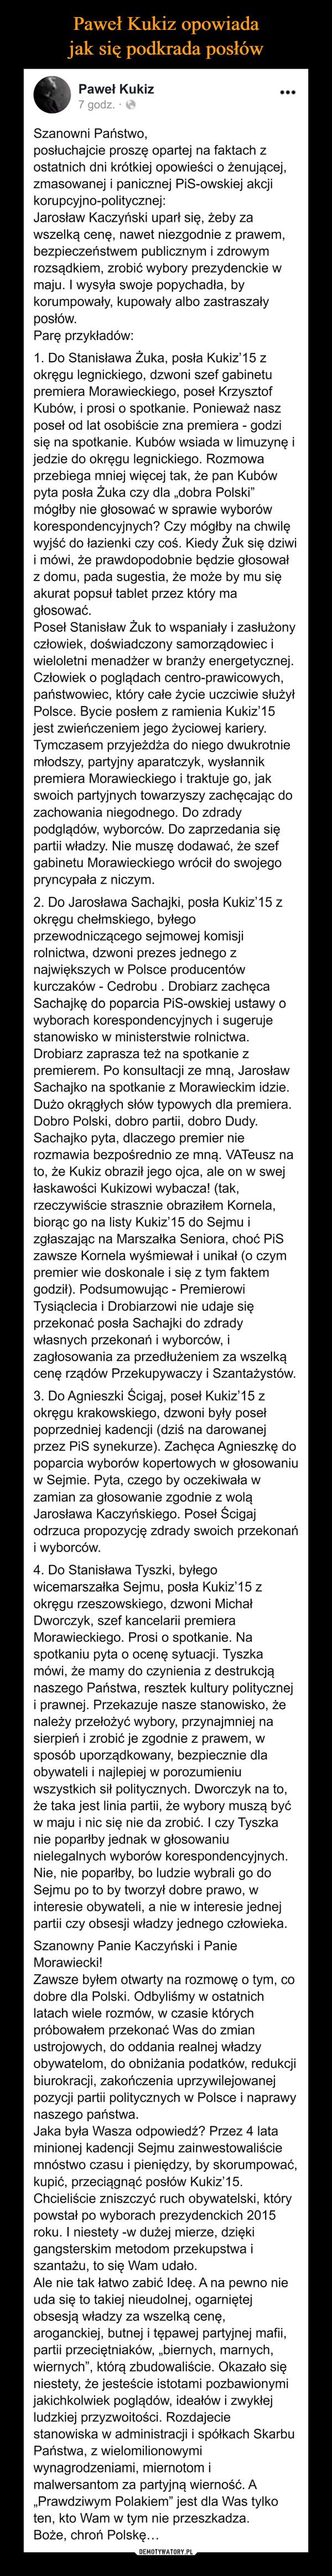 """–  Paweł Kukiz opowiada jak siępodkrada posłówPaweł Kukiz...7 godz. · OSzanowni Państwo,posłuchajcie proszę opartej na faktach zostatnich dni krótkiej opowieści o żenującej,zmasowanej i panicznej PiS-owskiej akcjikorupcyjno-politycznej:Jarosław Kaczyński uparł się, żeby zawszelką cenę, nawet niezgodnie z prawem,bezpieczeństwem publicznym i zdrowymrozsądkiem, zrobić wybory prezydenckie wmaju. I wysyła swoje popychadła, bykorumpowały, kupowały albo zastraszałyposłów.Parę przykładów:1. Do Stanisława Żuka, posła Kukiz'15 zokręgu legnickiego, dzwoni szef gabinetupremiera Morawieckiego, poseł KrzysztofKubów, i prosi o spotkanie. Ponieważ naszposeł od lat osobiście zna premiera - godzisię na spotkanie. Kubów wsiada w limuzynę ijedzie do okręgu legnickiego. Rozmowaprzebiega mniej więcej tak, że pan Kubówpyta posła Żuka czy dla """"dobra Polski""""mógłby nie głosować w sprawie wyborówkorespondencyjnych? Czy mógłby na chwilęwyjść do łazienki czy coś. Kiedy Żuk się dziwii mówi, że prawdopodobnie będzie głosowałz domu, pada sugestia, że może by mu sięakurat popsuł tablet przez który magłosować.Poseł Stanisław Żuk to wspaniały i zasłużonyczłowiek, doświadczony samorządowiec iwieloletni menadżer w branży energetycznej.Człowiek o poglądach centro-prawicowych,państwowiec, który całe życie uczciwie służyłPolsce. Bycie posłem z ramienia Kukiz'15jest zwieńczeniem jego życiowej kariery.Tymczasem przyjeżdża do niego dwukrotniemłodszy, partyjny aparatczyk, wysłannikpremiera Morawieckiego i traktuje go, jakswoich partyjnych towarzyszy zachęcając dozachowania niegodnego. Do zdradypodglądów, wyborców. Do zaprzedania siępartii władzy. Nie muszę dodawać, że szefgabinetu Morawieckiego wrócił do swojegopryncypała z niczym.2. Do Jarosława Sachajki, posła Kukiz'15 zokręgu chełmskiego, byłegoprzewodniczącego sejmowej komisjirolnictwa, dzwoni prezes jednego znajwiększych w Polsce producentówkurczaków - Cedrobu . Drobiarz zachęcaSachajkę do poparcia PiS-owskiej ustawy owyborach korespondencyjnych i sugeru"""